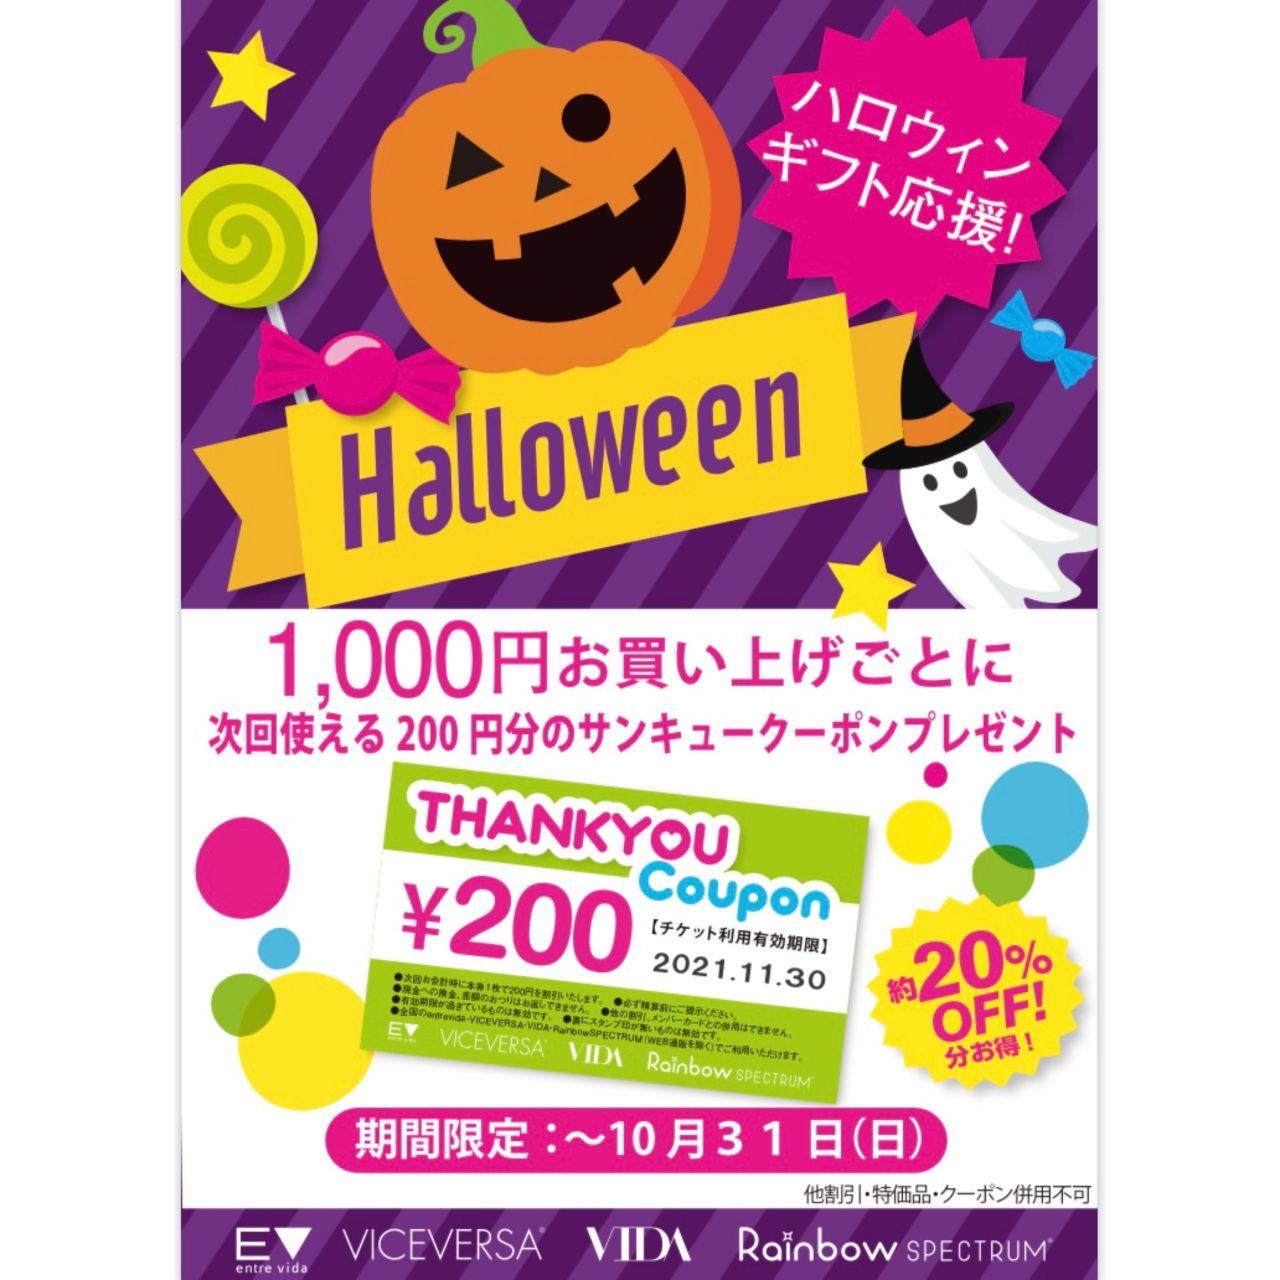 「【20%還元】Thank youクーポン配布中!」の写真